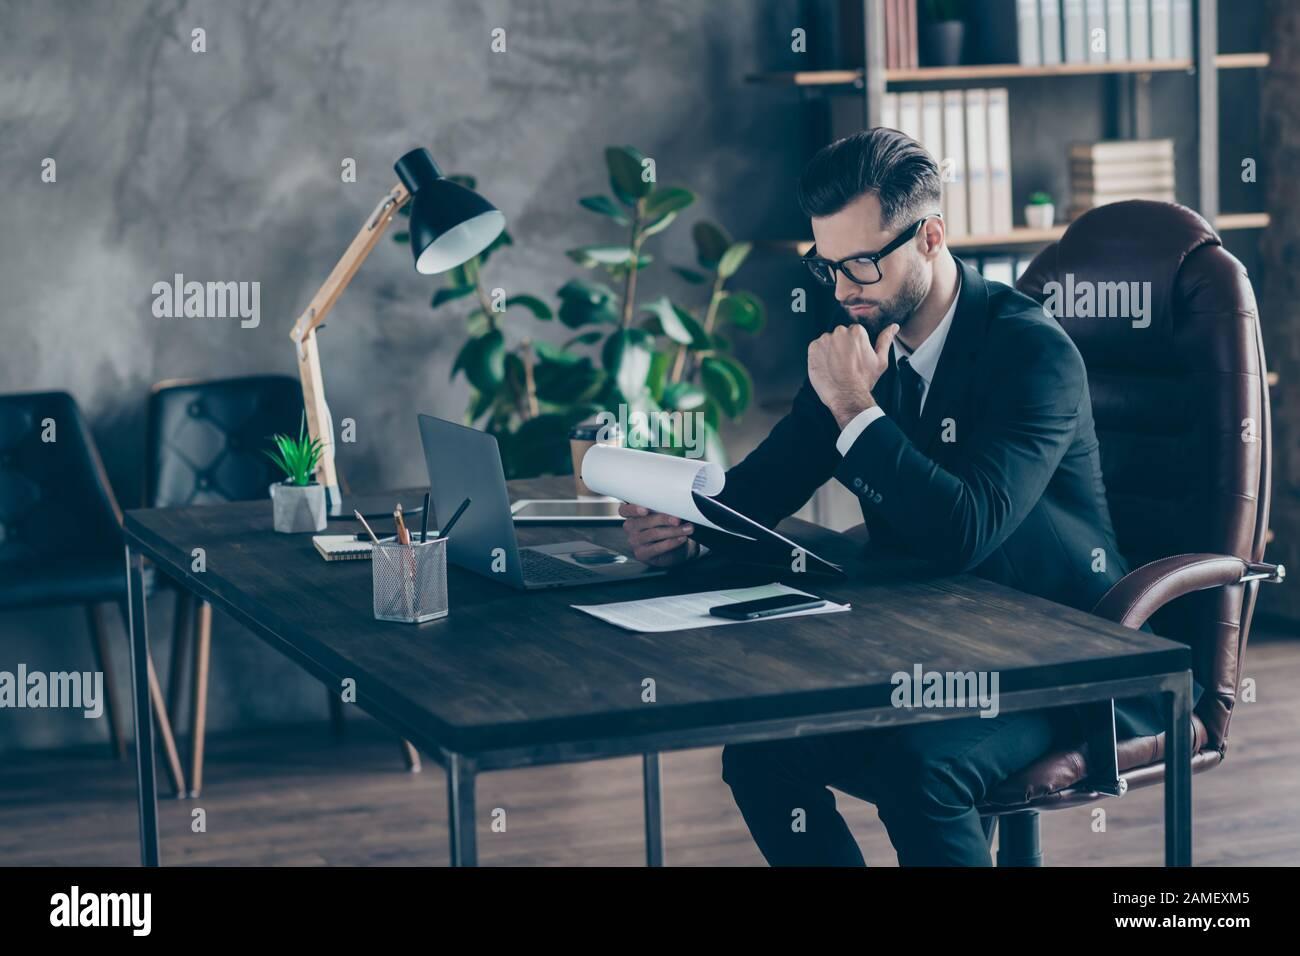 Foto de perfil de guapo hombre de negocios leyendo informe de papel sujetando la mano en la barbilla considerado documentos importantes desgaste especificaciones negro blazer camisa traje Foto de stock